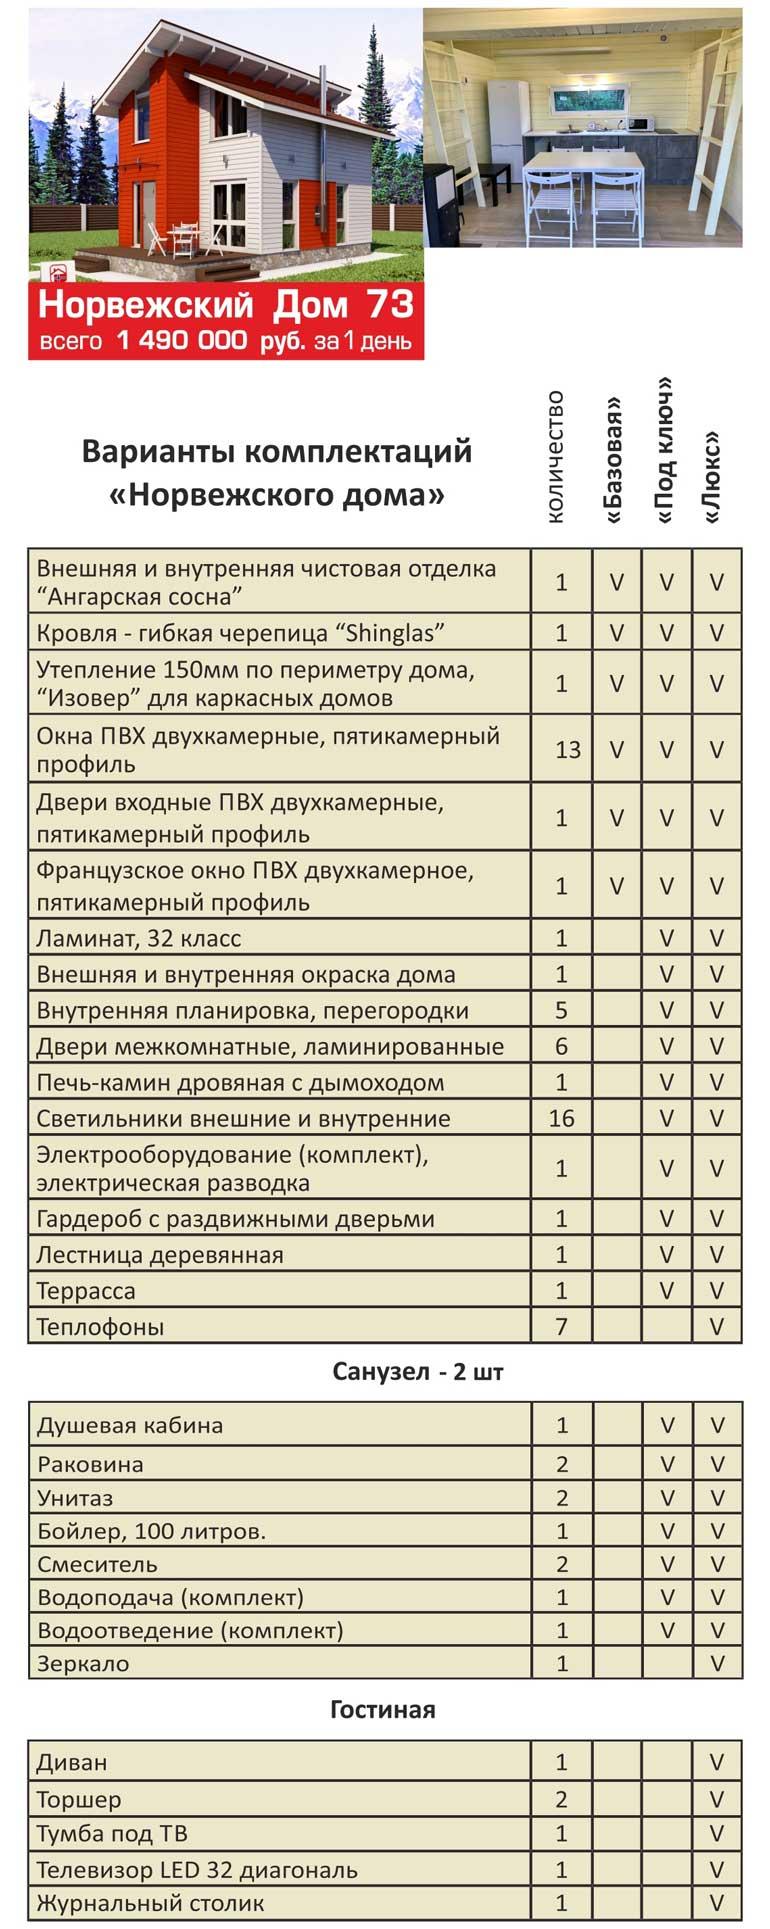 norvezhskiy-dom-73-skandis-v-kurske